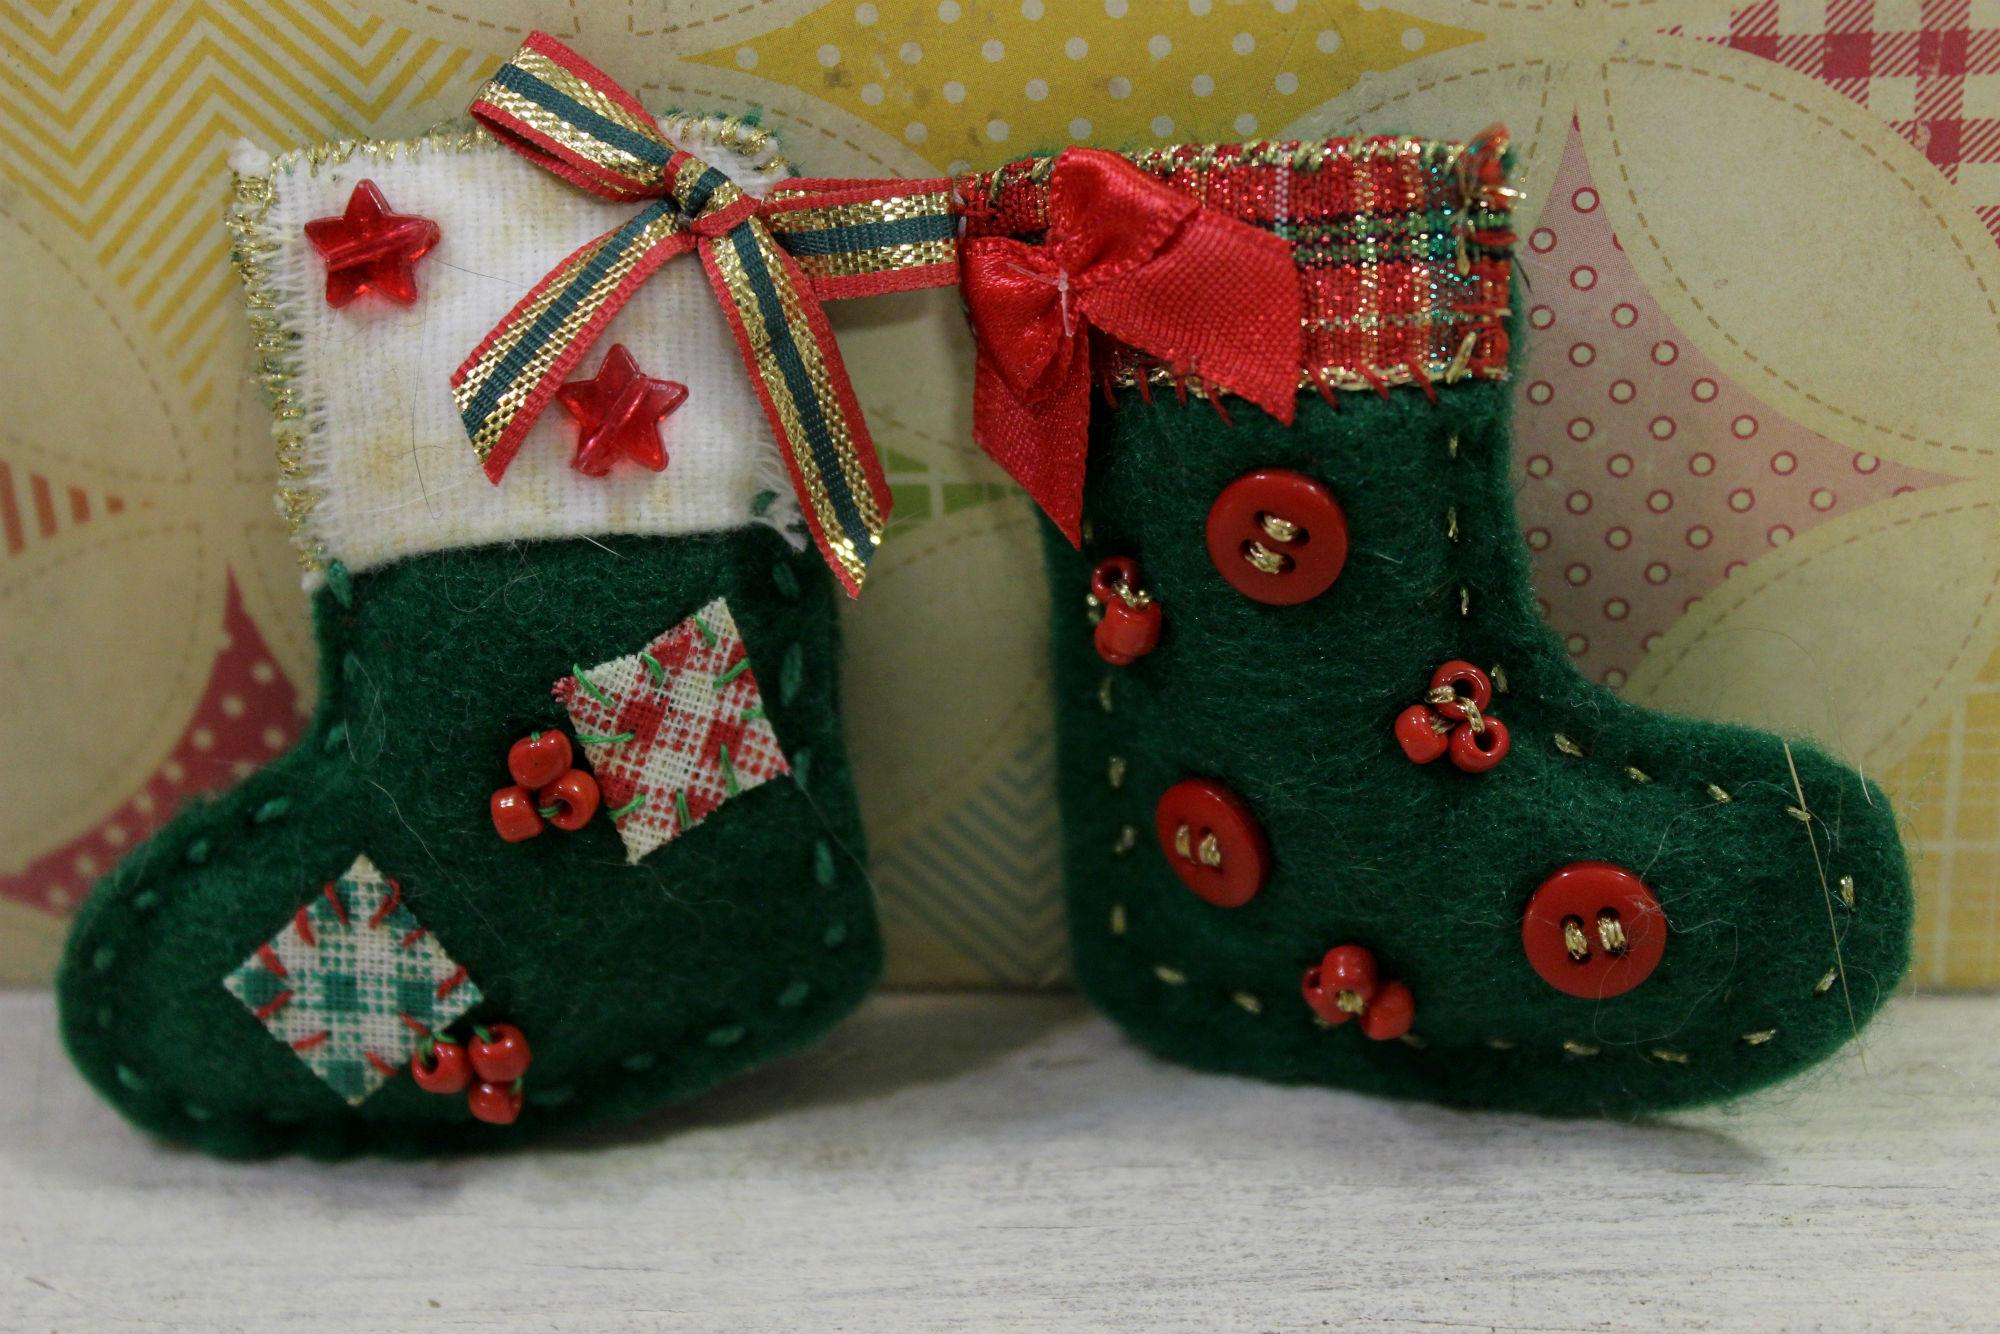 Botinhas de Natal feitas por Elá Camarena: a peça representa São Nicolau que, reza a lenda, deixava presentes nas chaminés das casas dos mais pobres